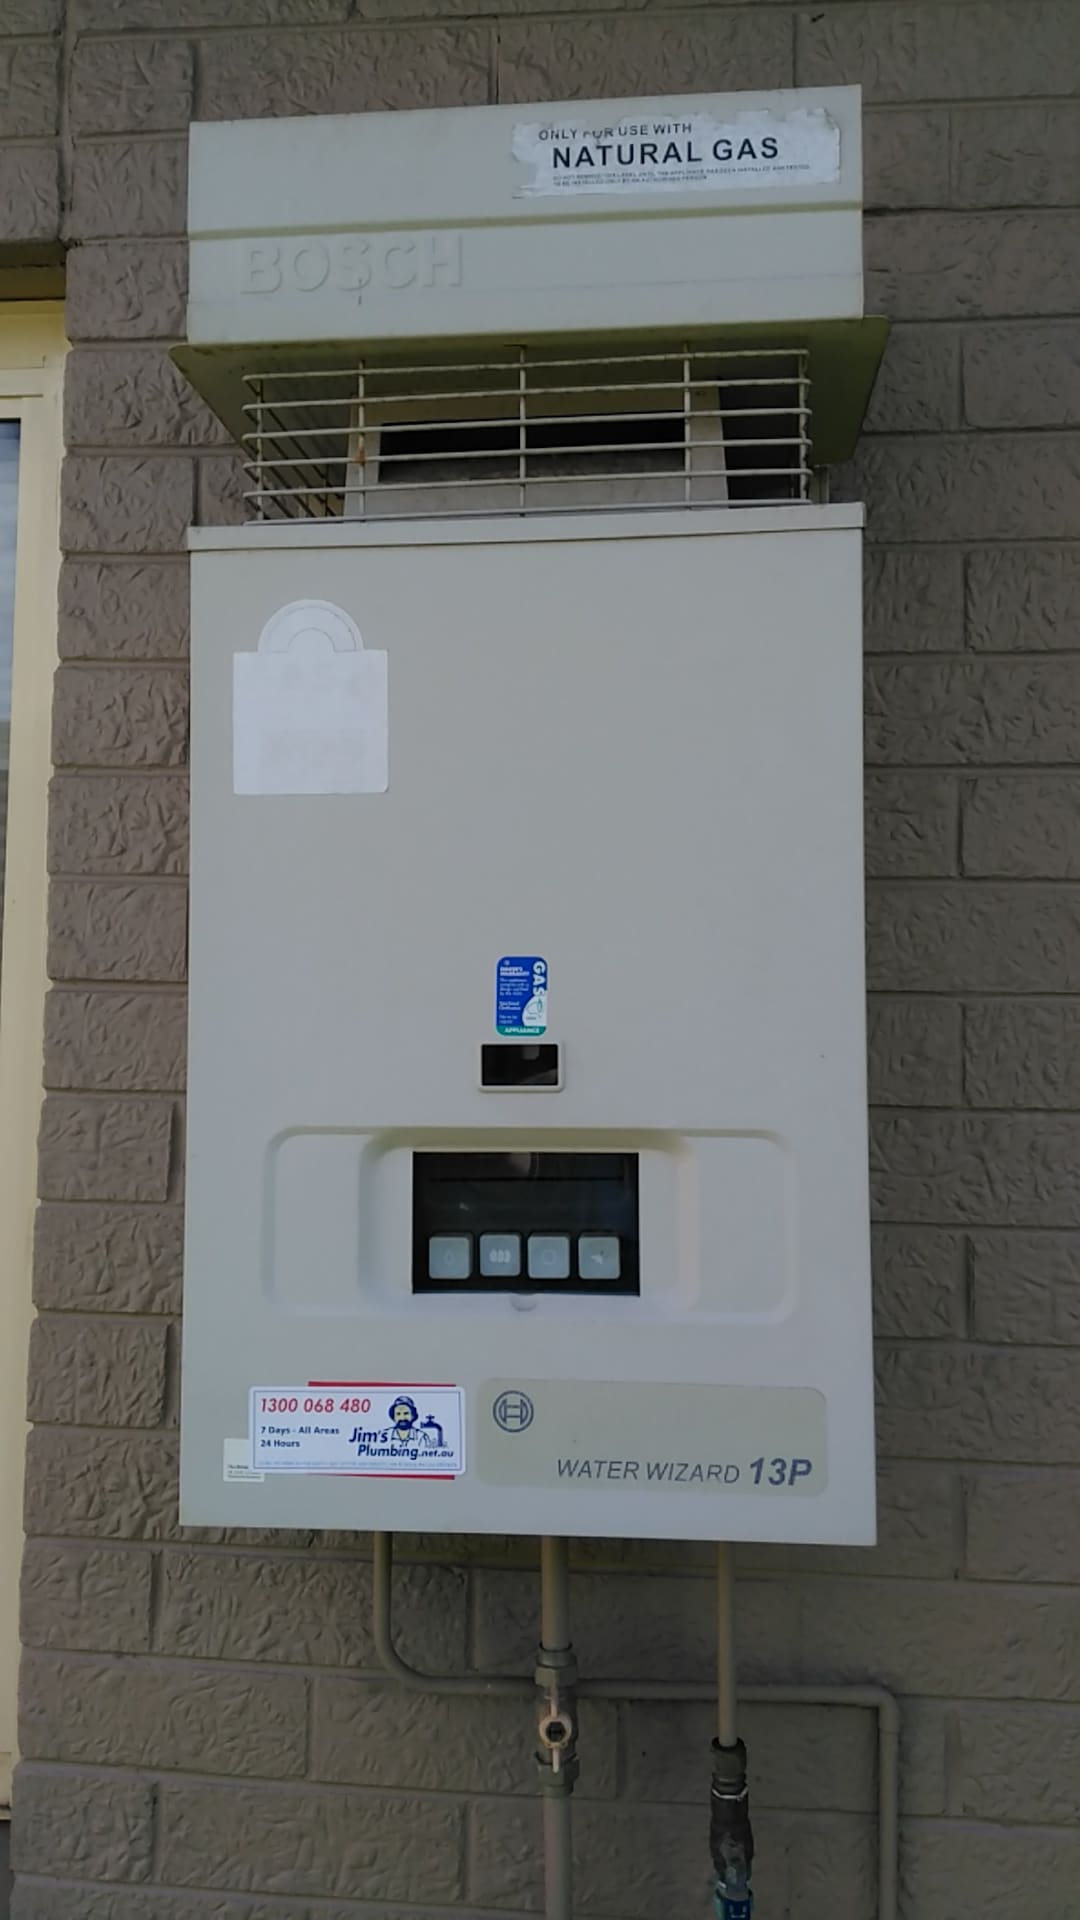 bosch waterwizard 13p gas external hot water system